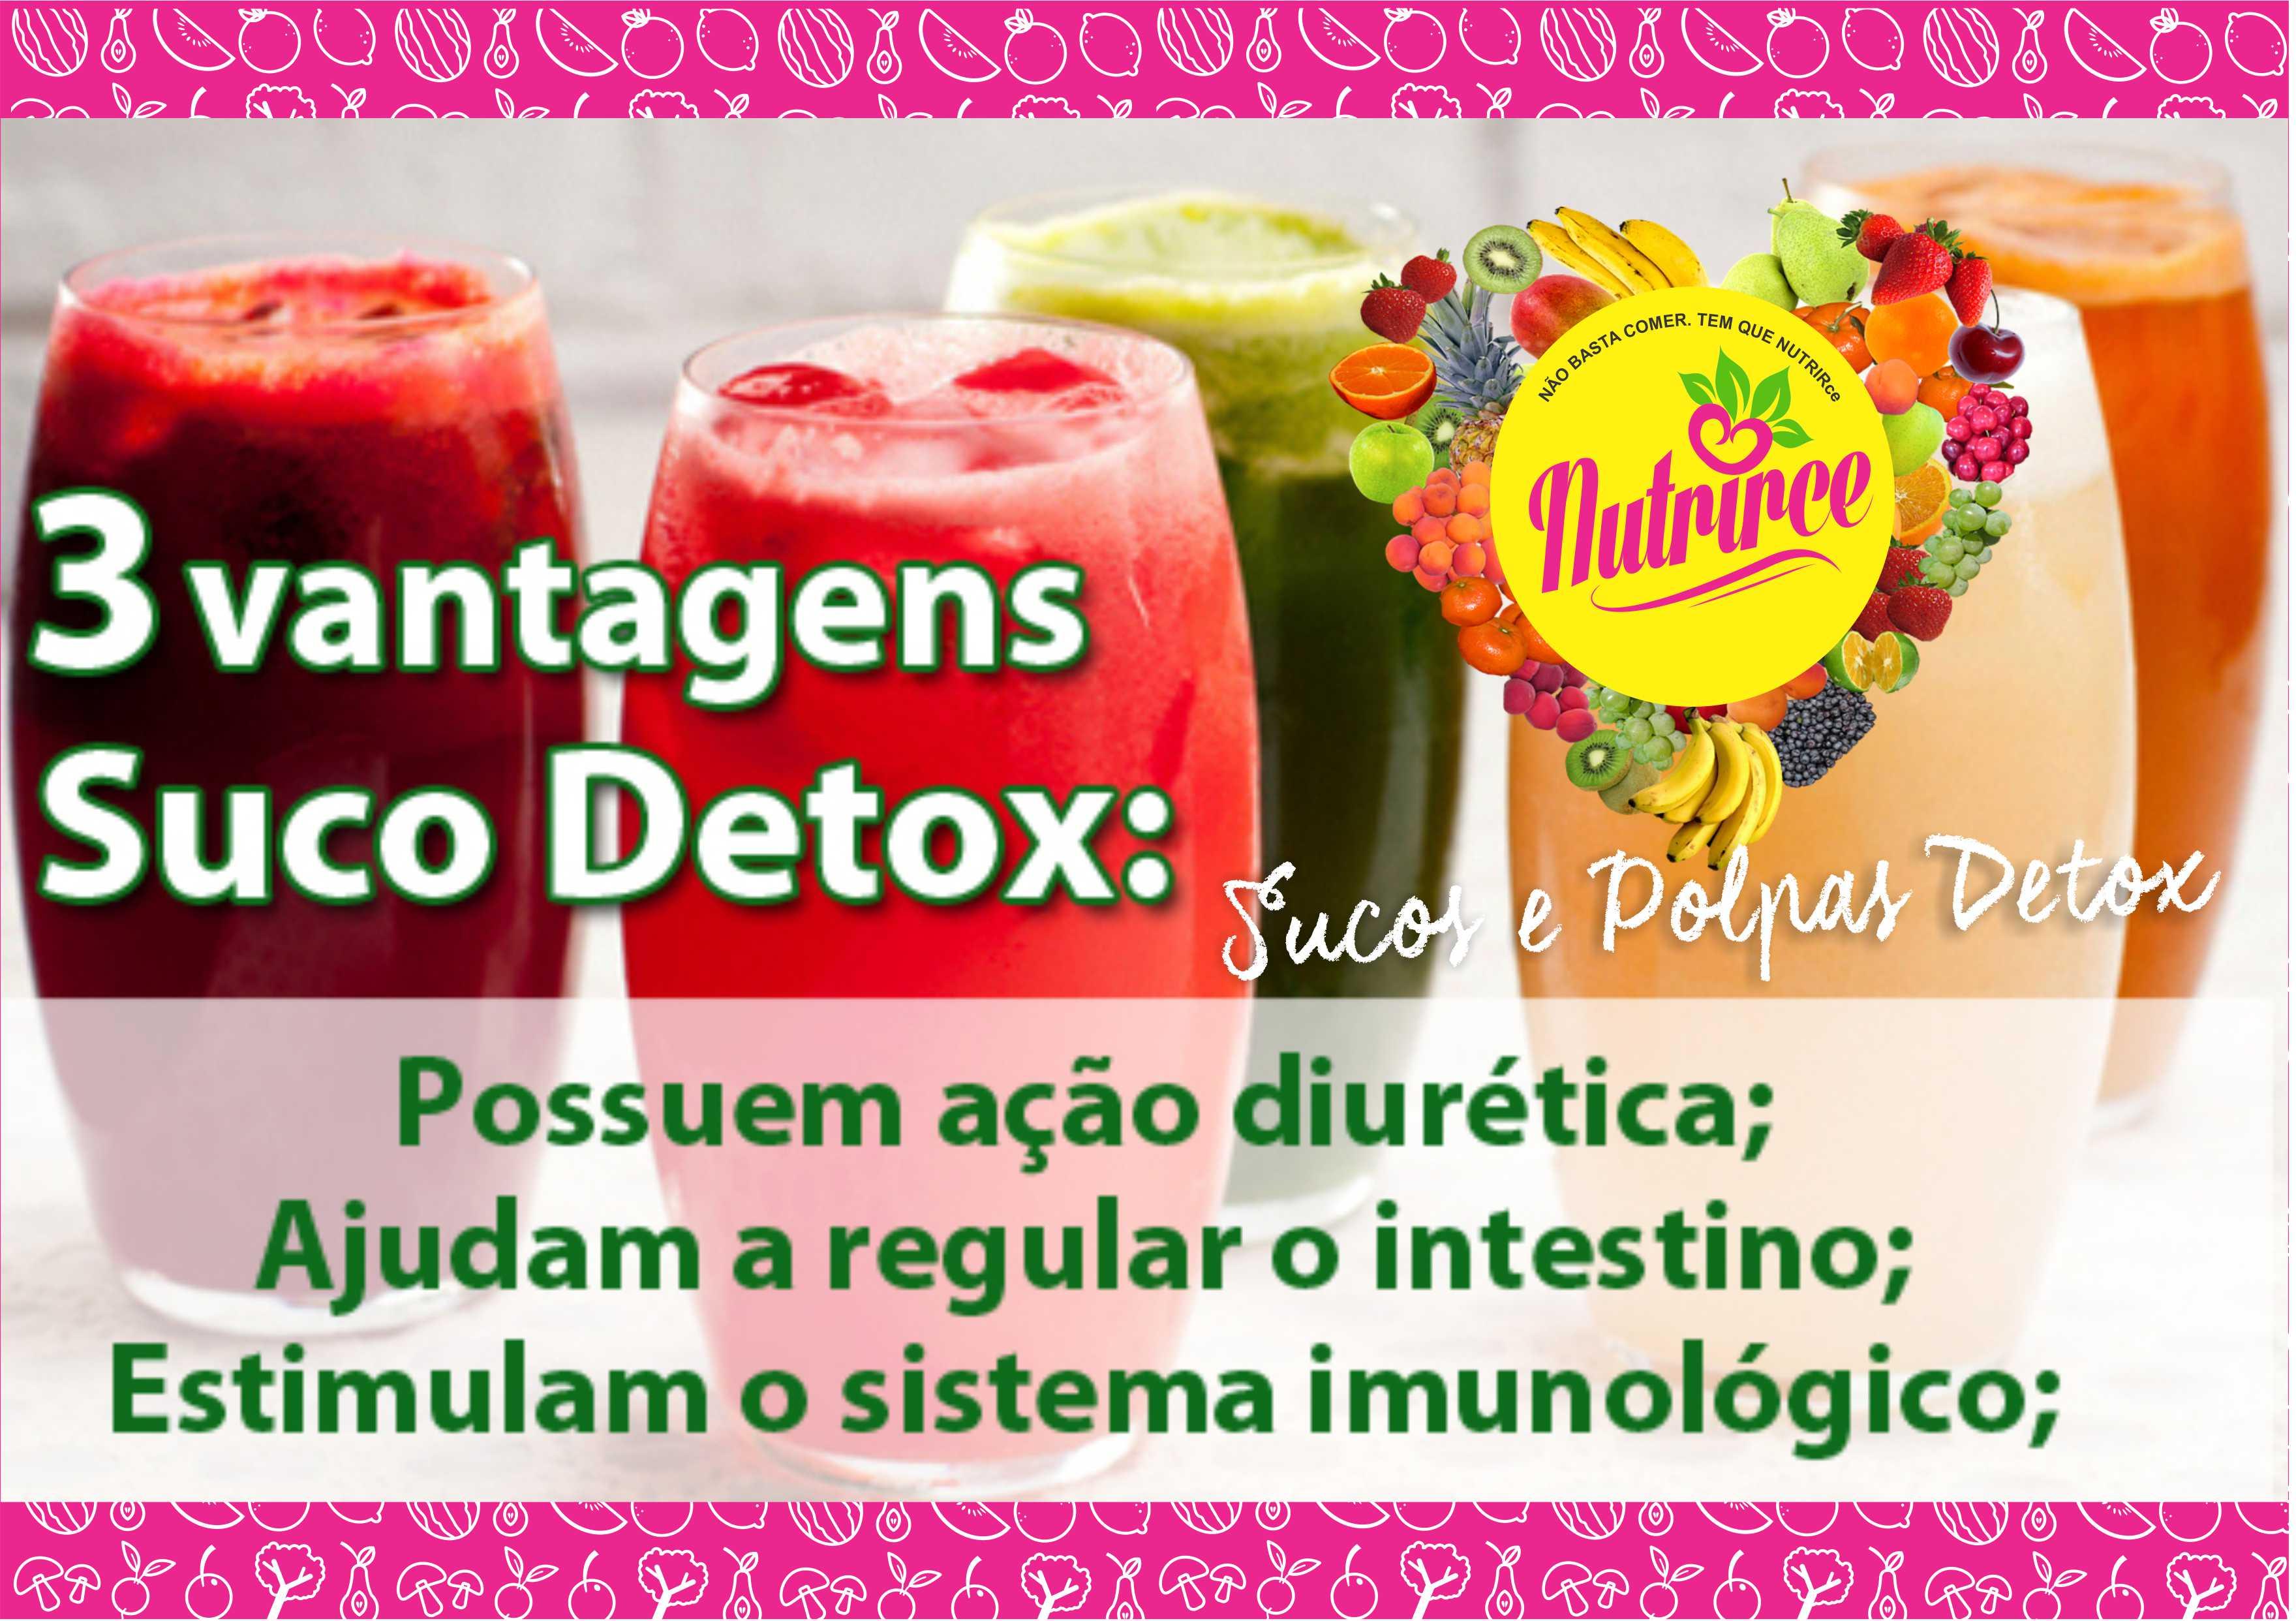 Pacote com 7 Sucos Detox de R$38,50 por R$35